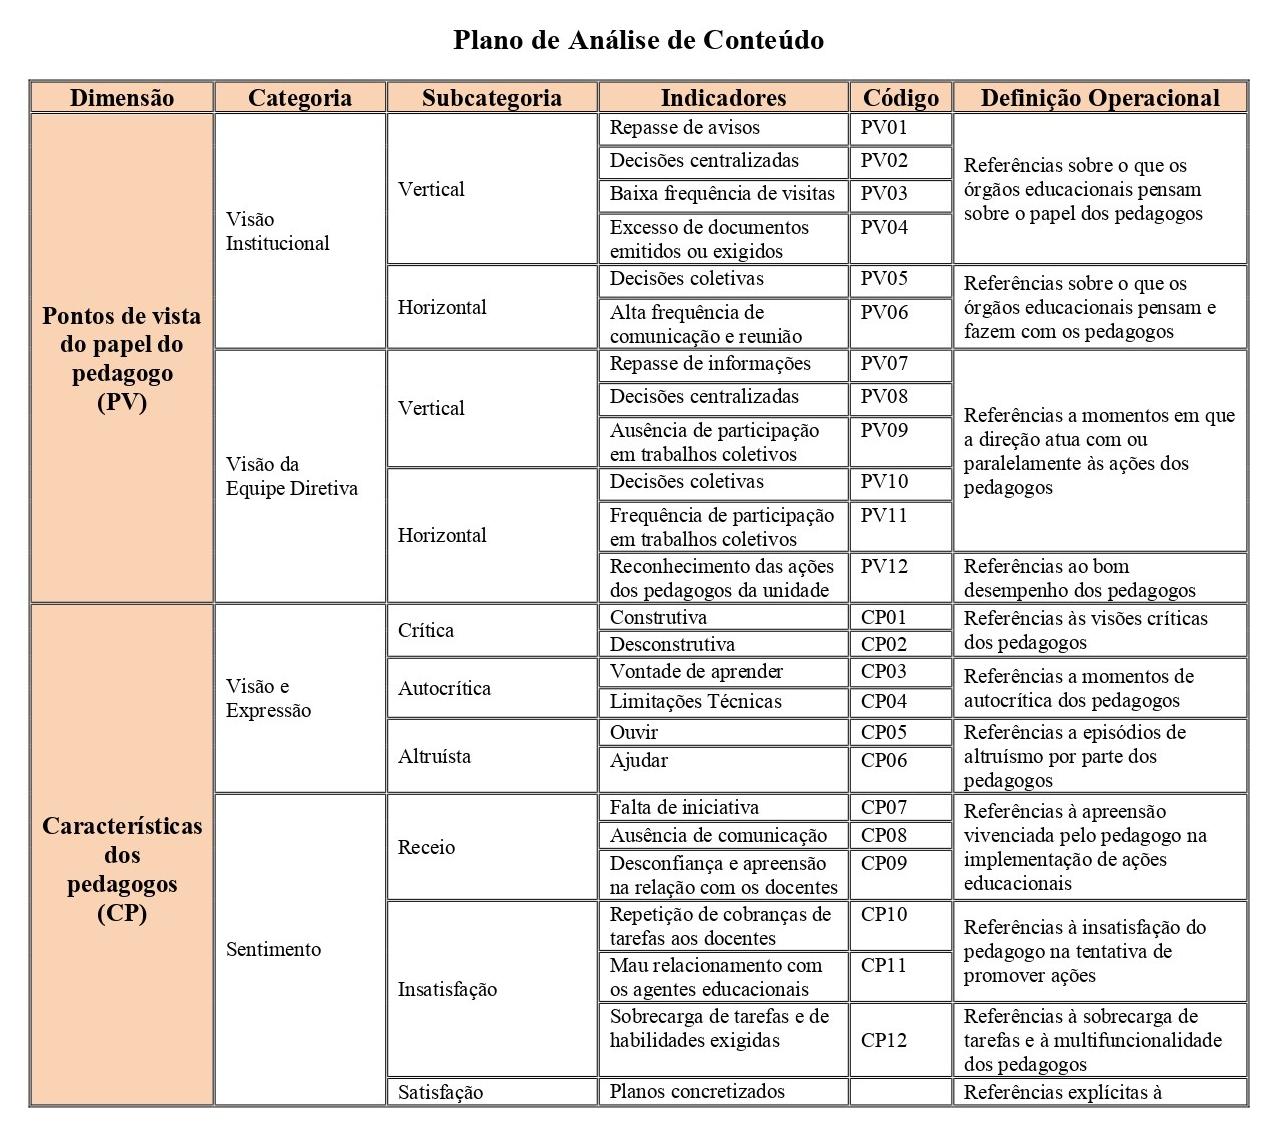 Apêndice B - Plano de Análise de Conteúdo_page-0001